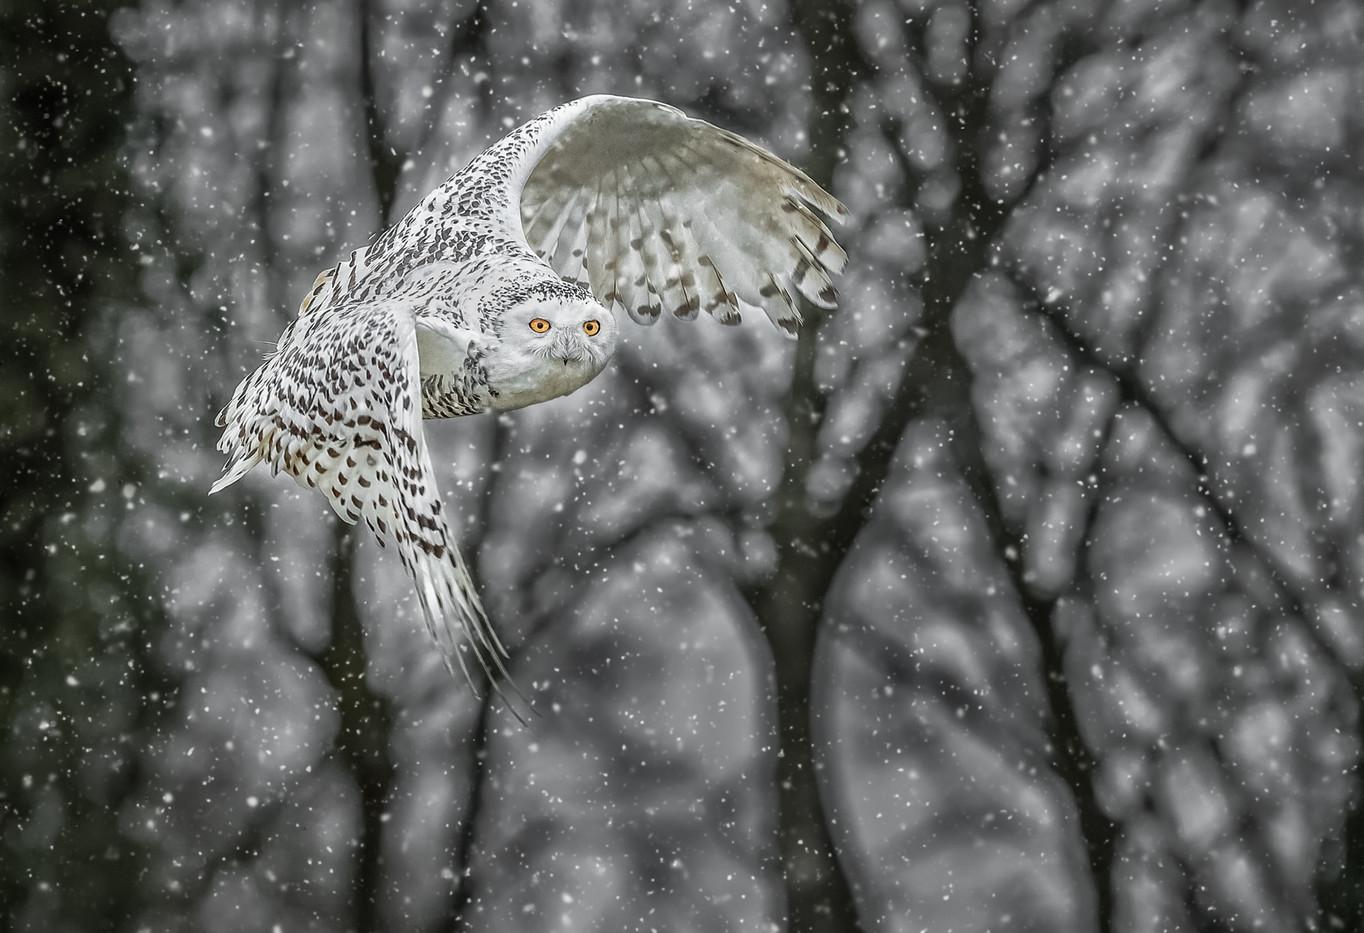 20 SNOWY OWL IN SNOW by David Godfrey